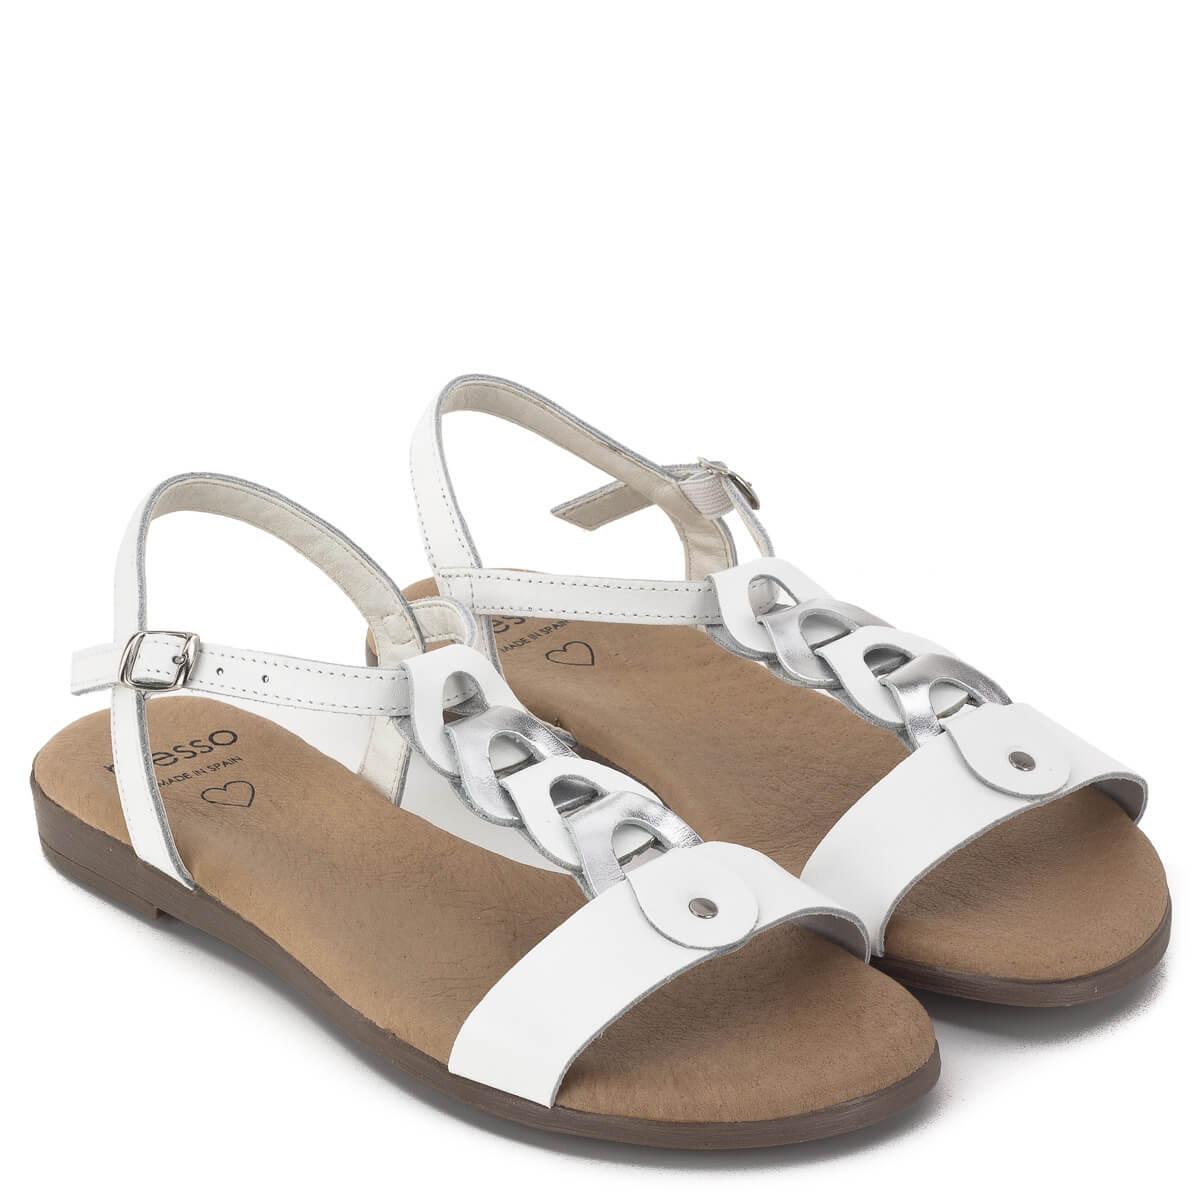 fe899beff6 Akciós cipő, akciós szandál, akciós csizma, akciós bokacipő, cipő kiárusítás